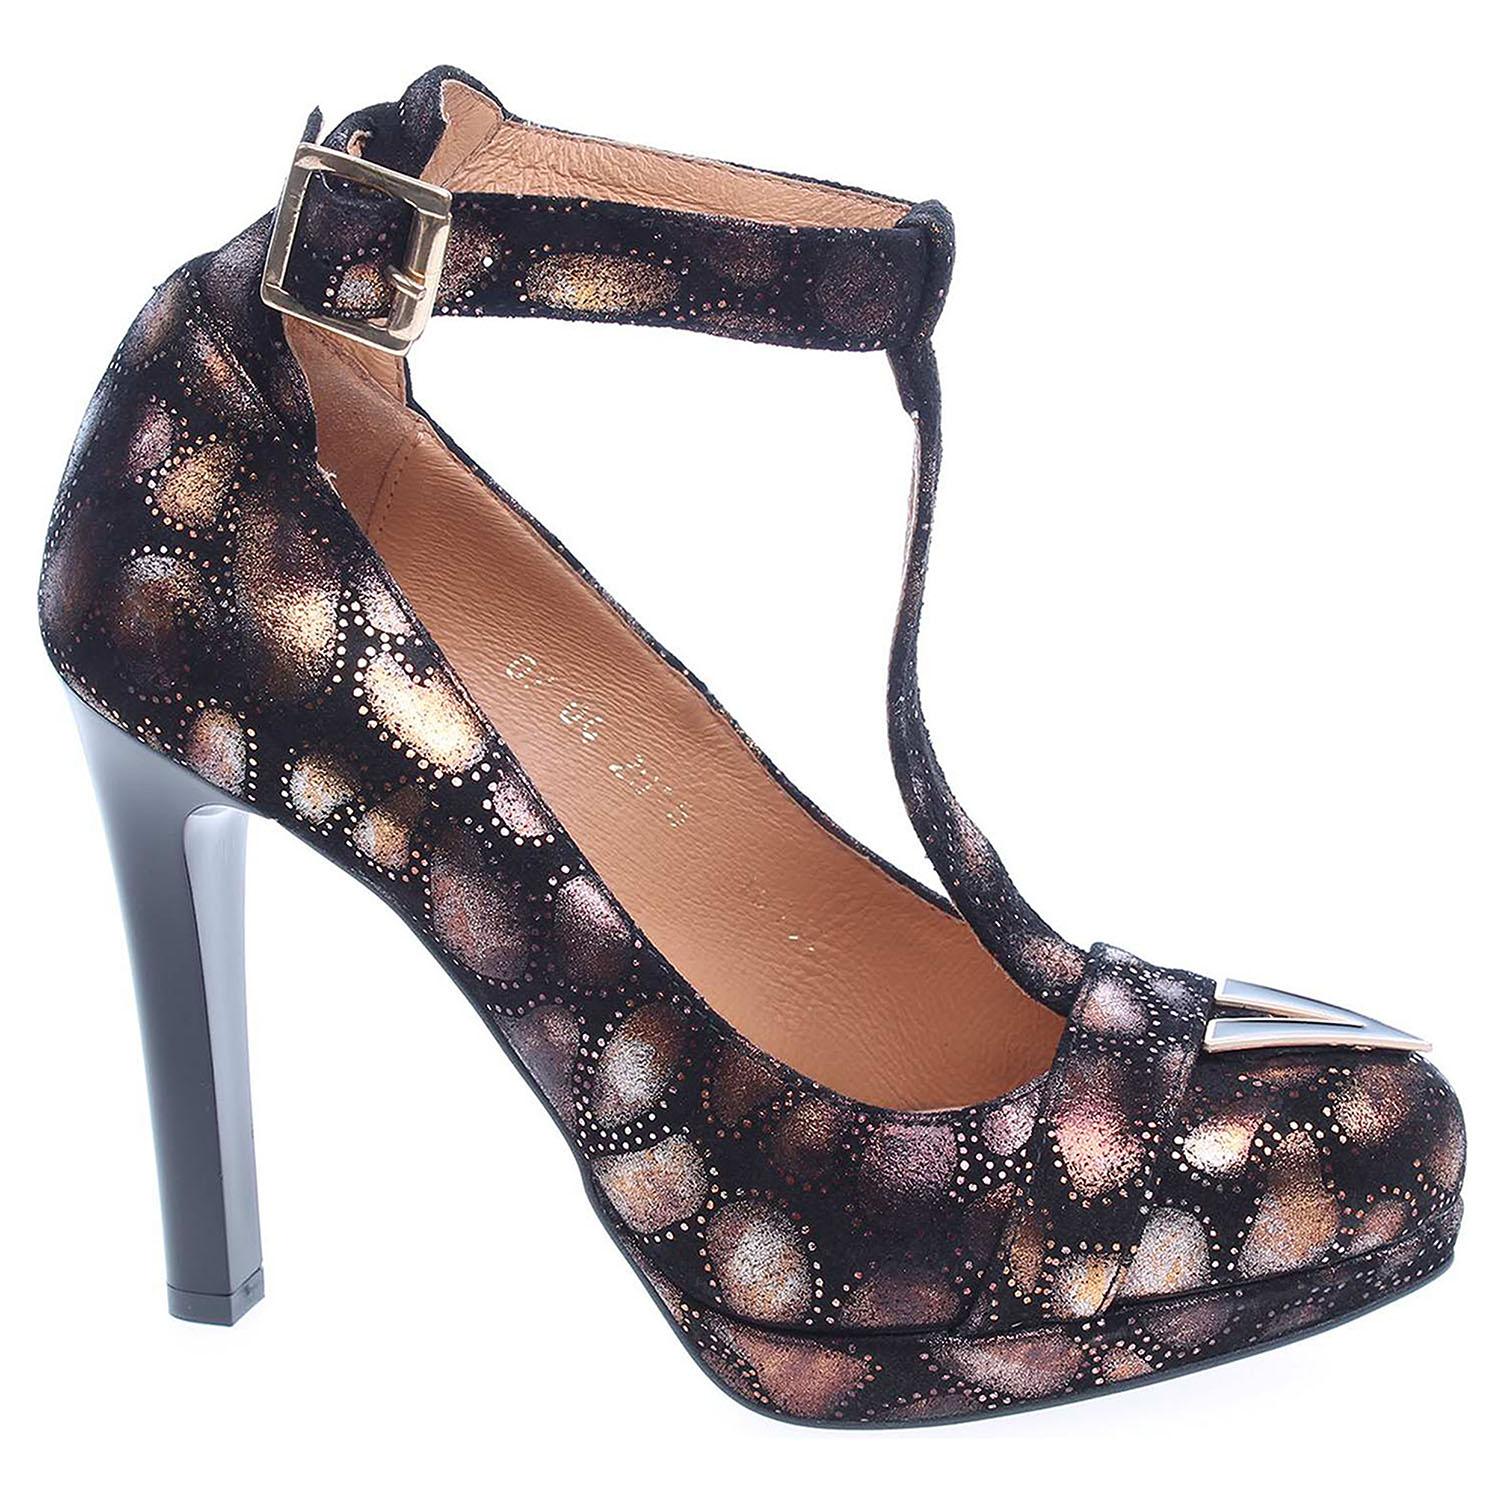 Ecco Dámská společenská obuv Barton 16151 černé 22800335